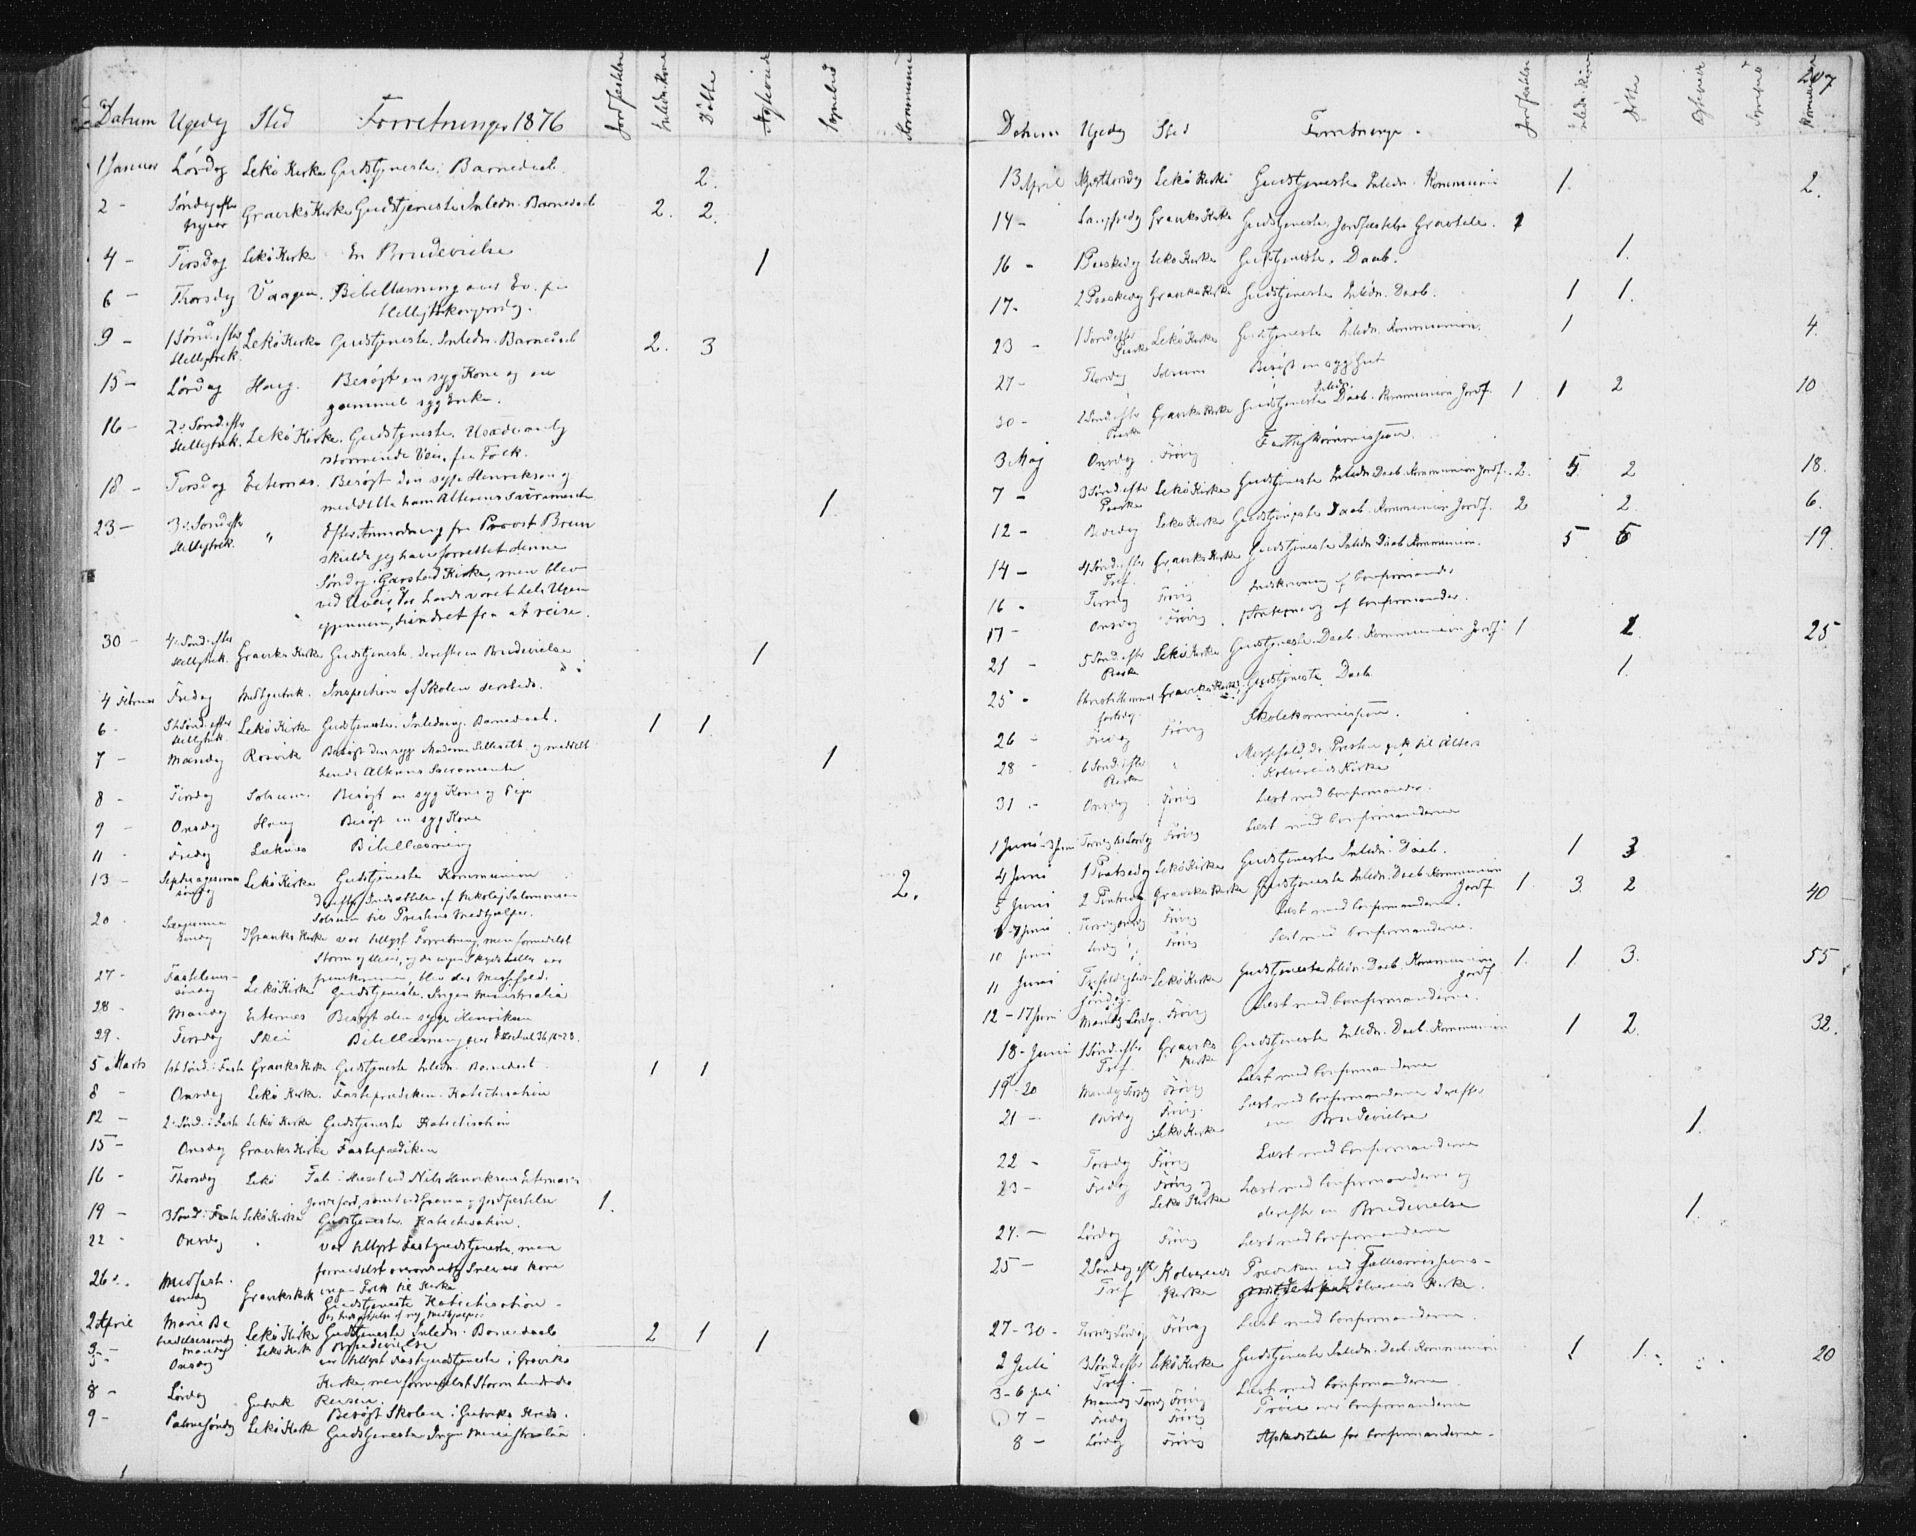 SAT, Ministerialprotokoller, klokkerbøker og fødselsregistre - Nord-Trøndelag, 788/L0696: Ministerialbok nr. 788A03, 1863-1877, s. 207